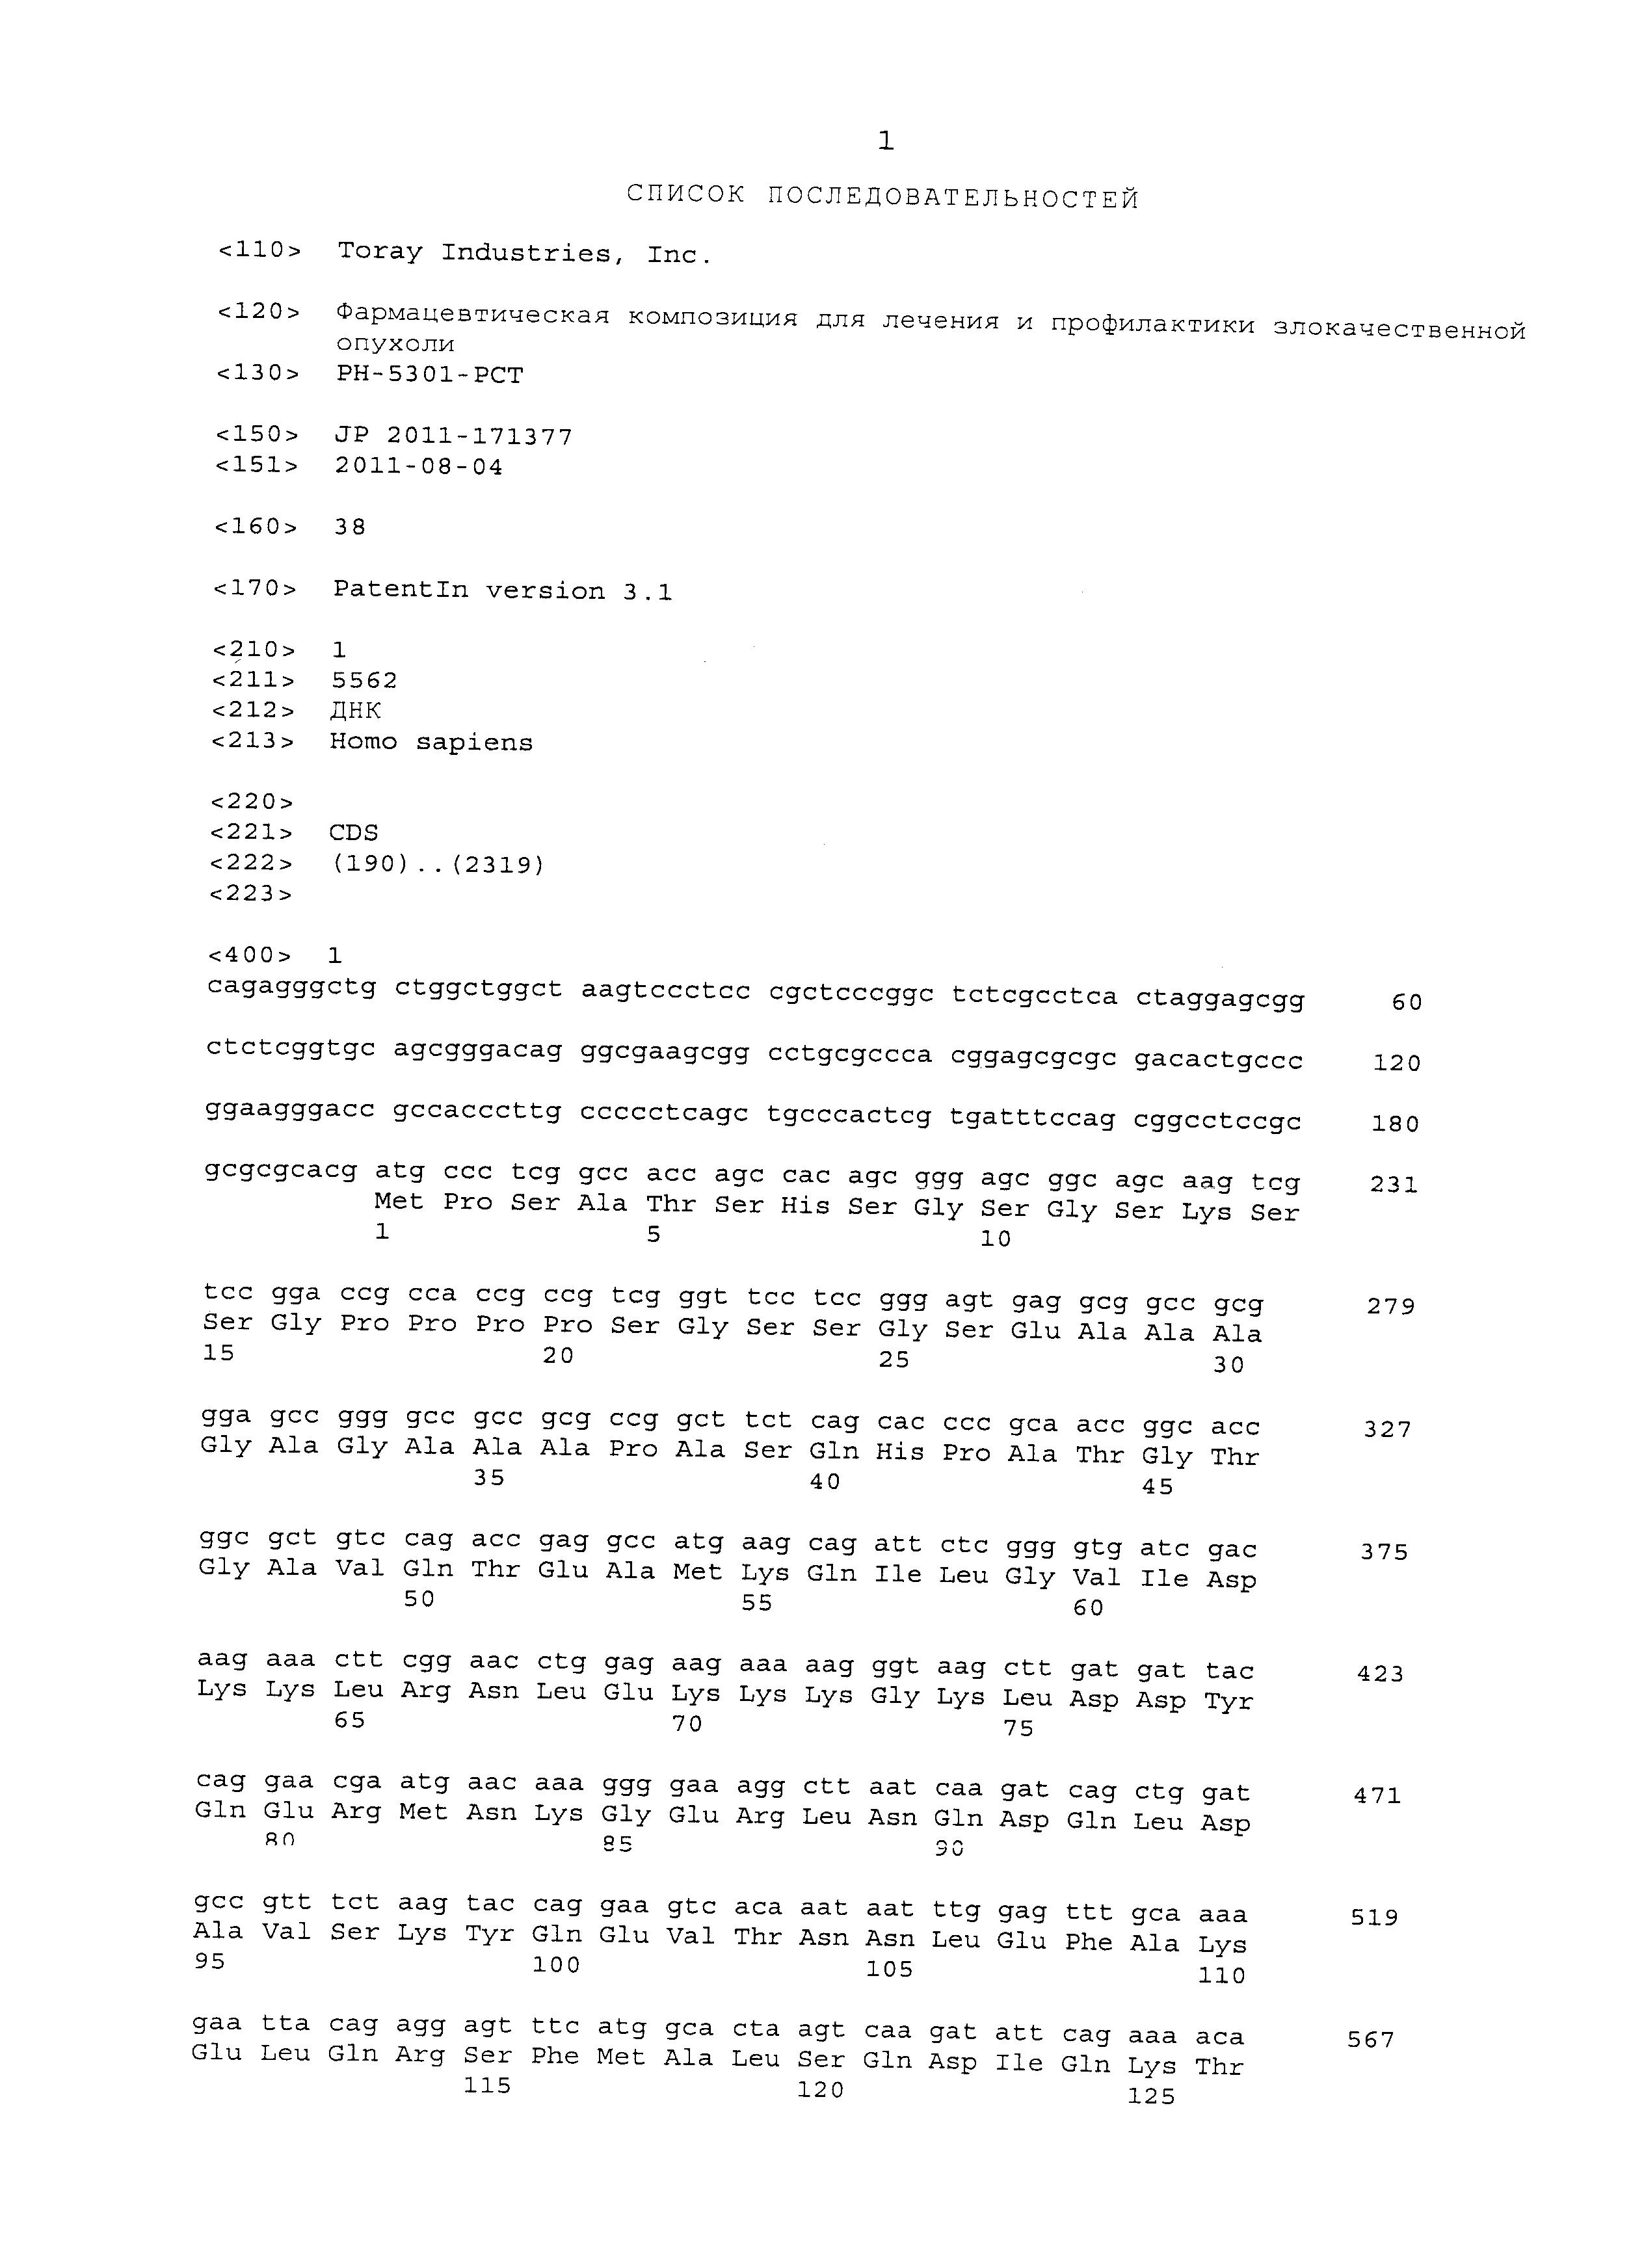 Фармацевтическая композиция для лечения и/или профилактики злокачественной опухоли